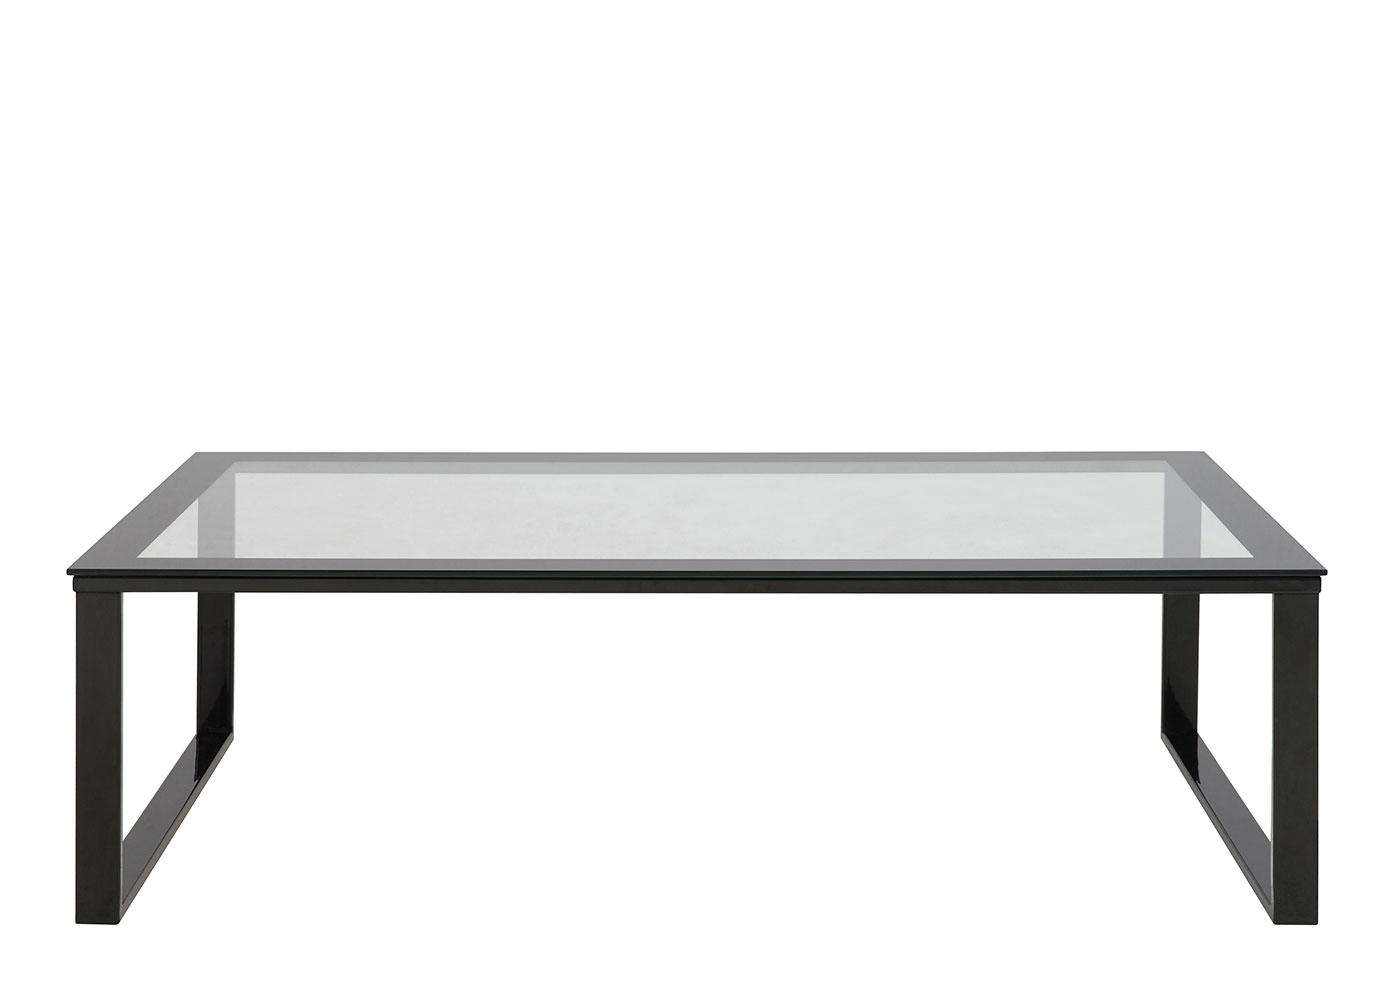 Konferenčný stolík Kalinka, 105 cm, číra / čierna